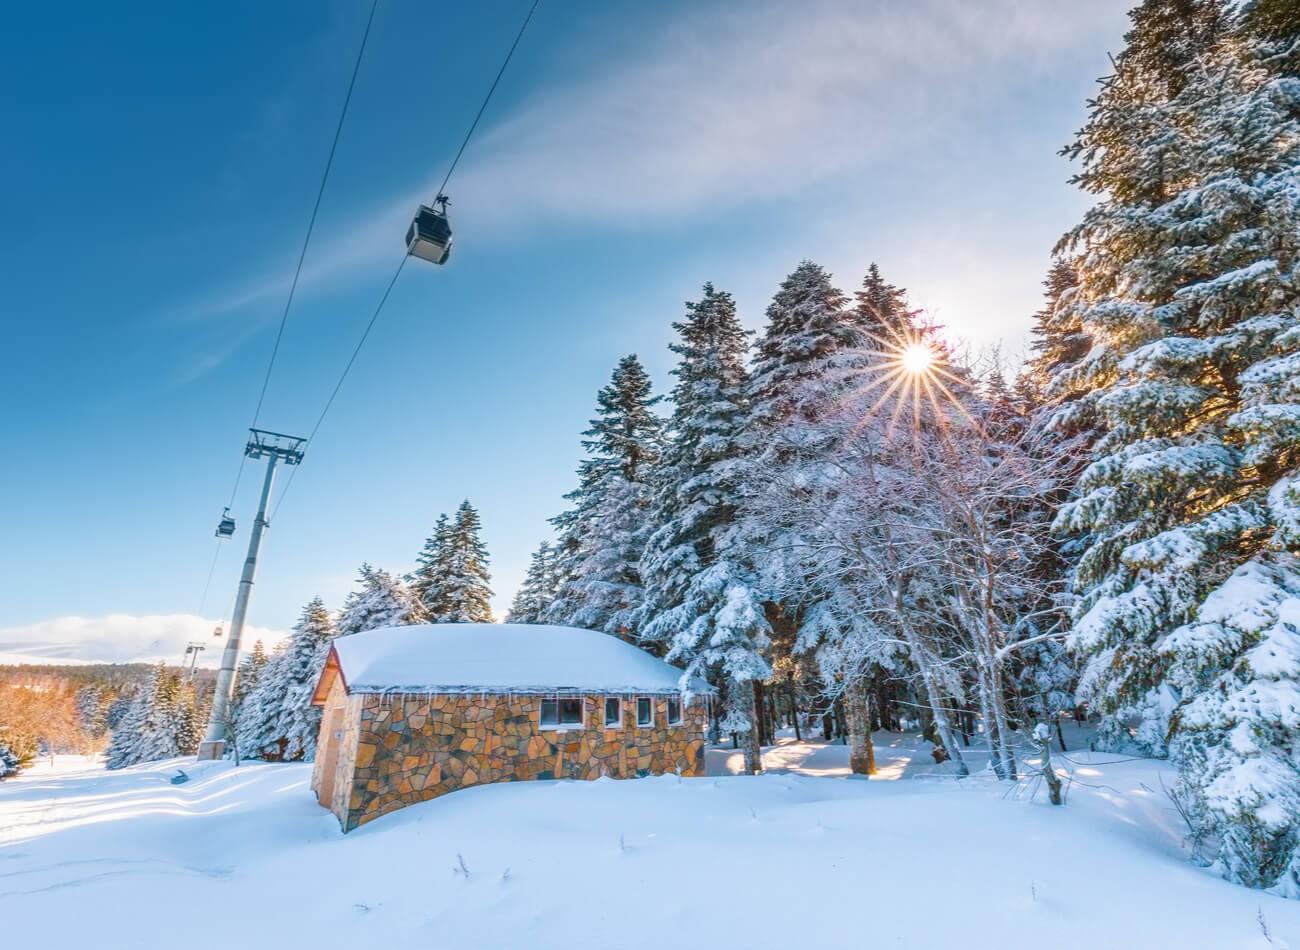 BURSA- ULUDAĞ / Yılbaşı kutlamalarının en bilindik adresi Uludağ. kayak, gezi, etkinlik, eğlence, sanatçıların canlı performansları, yeme-içme hepsi bir arada. Teleferikleri ile harika manzaralarla tanışacağınız bir yer burası.